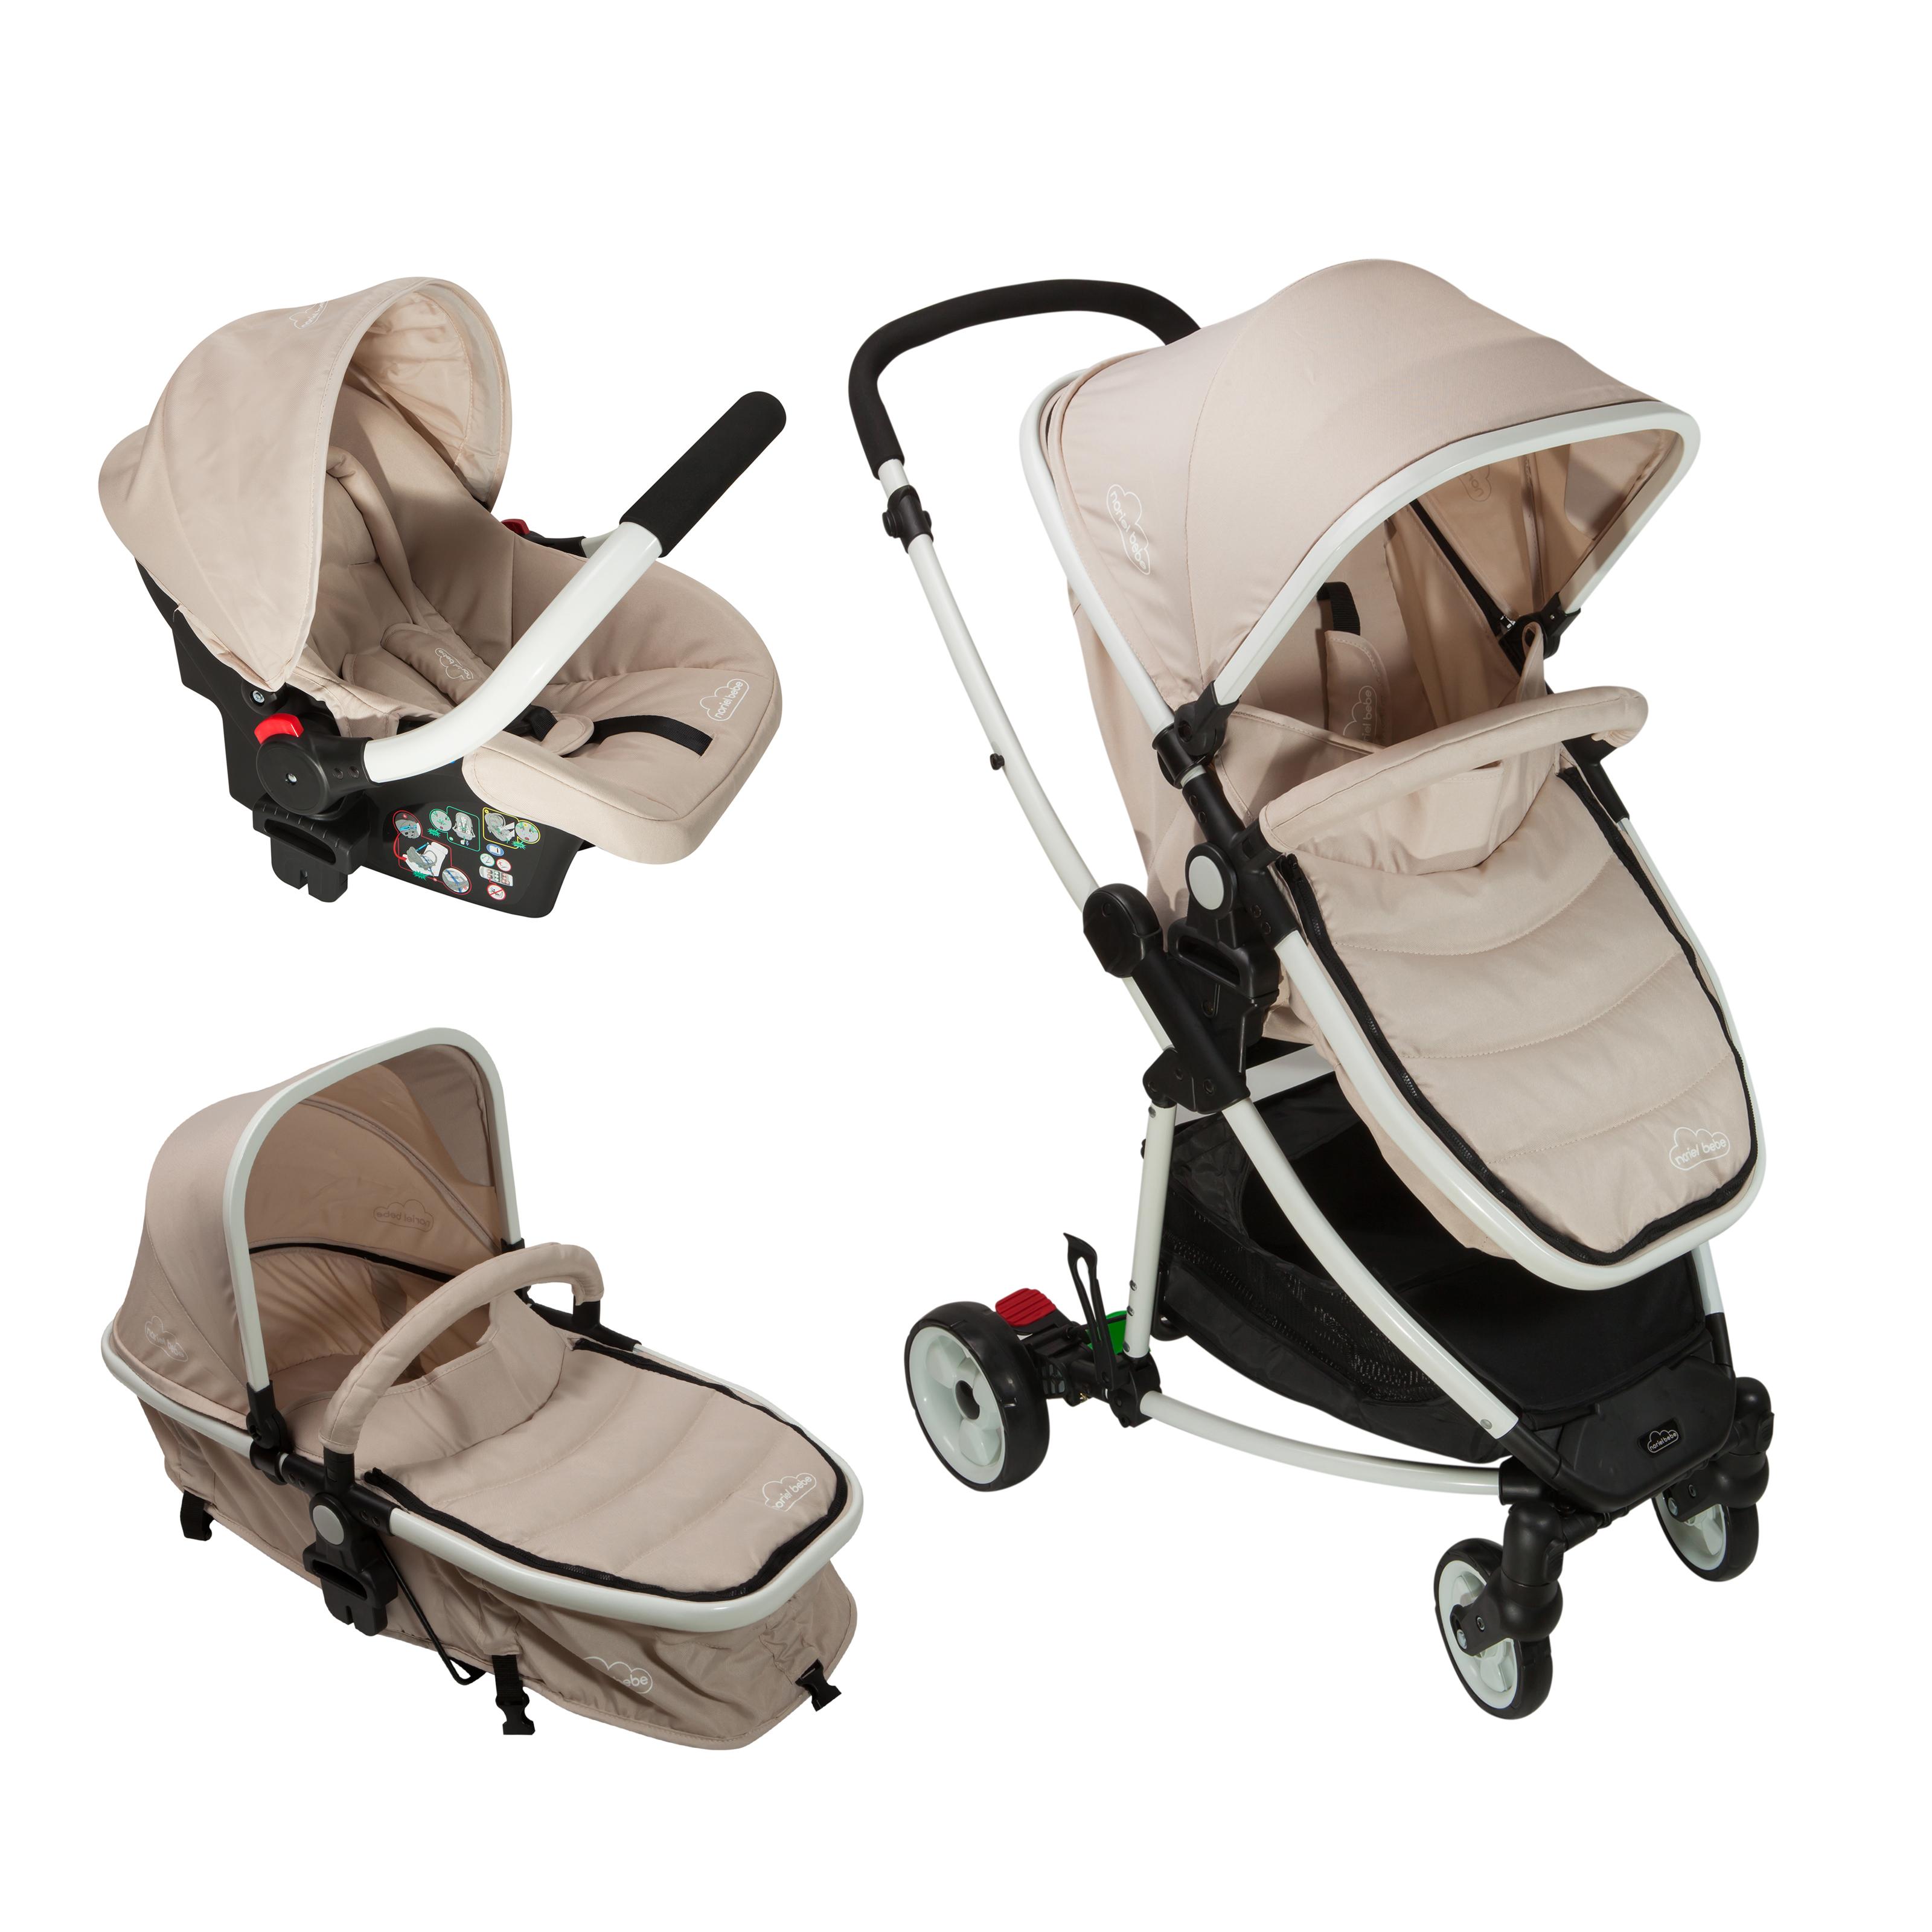 carucior copii 3 in 1 noriel bebe - bej